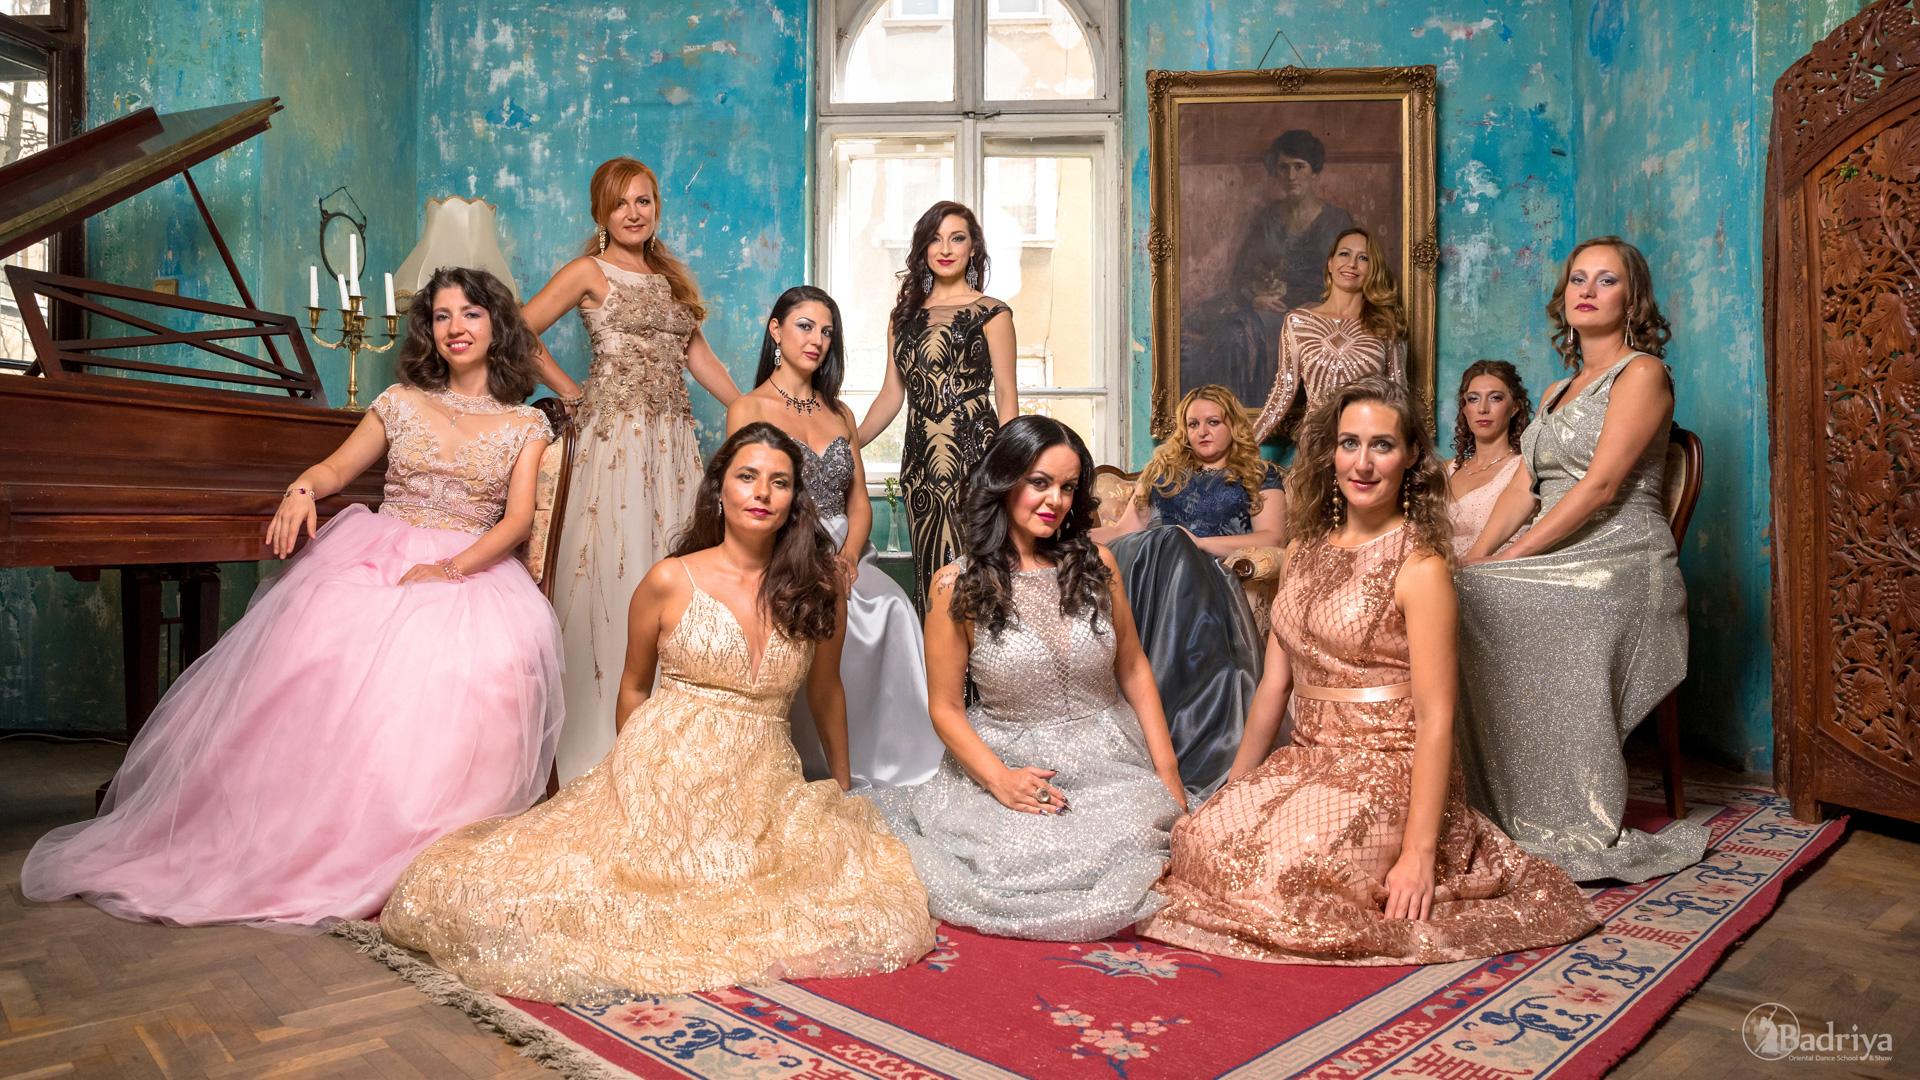 ориенталски танци, ориенталски танци софия, арабски танци, бели денс, белиденс, белиденс софия, бели денс уроци, бели денс за начинаещи, бели денс напреднали египетски танци, уроци по белиденс, уроци по ориенталски танци софия, школа по ориенталски танци, ориенталски танци напреднали, ориенталски танци за начинаещи, ориенталски танци нова група, уроци за начинаещи, виолета вълчева, belidens uroci, bellydance, belidens uroci, belly dance sofia, belly dance uroci, belly dance beginners, orientalski tanci, orientalski tanci sofia, orientalski tanci naprednali, orientalski tanci nachinaeshti, uroci po orientalski tanci, arabski tanci violeta valcheva